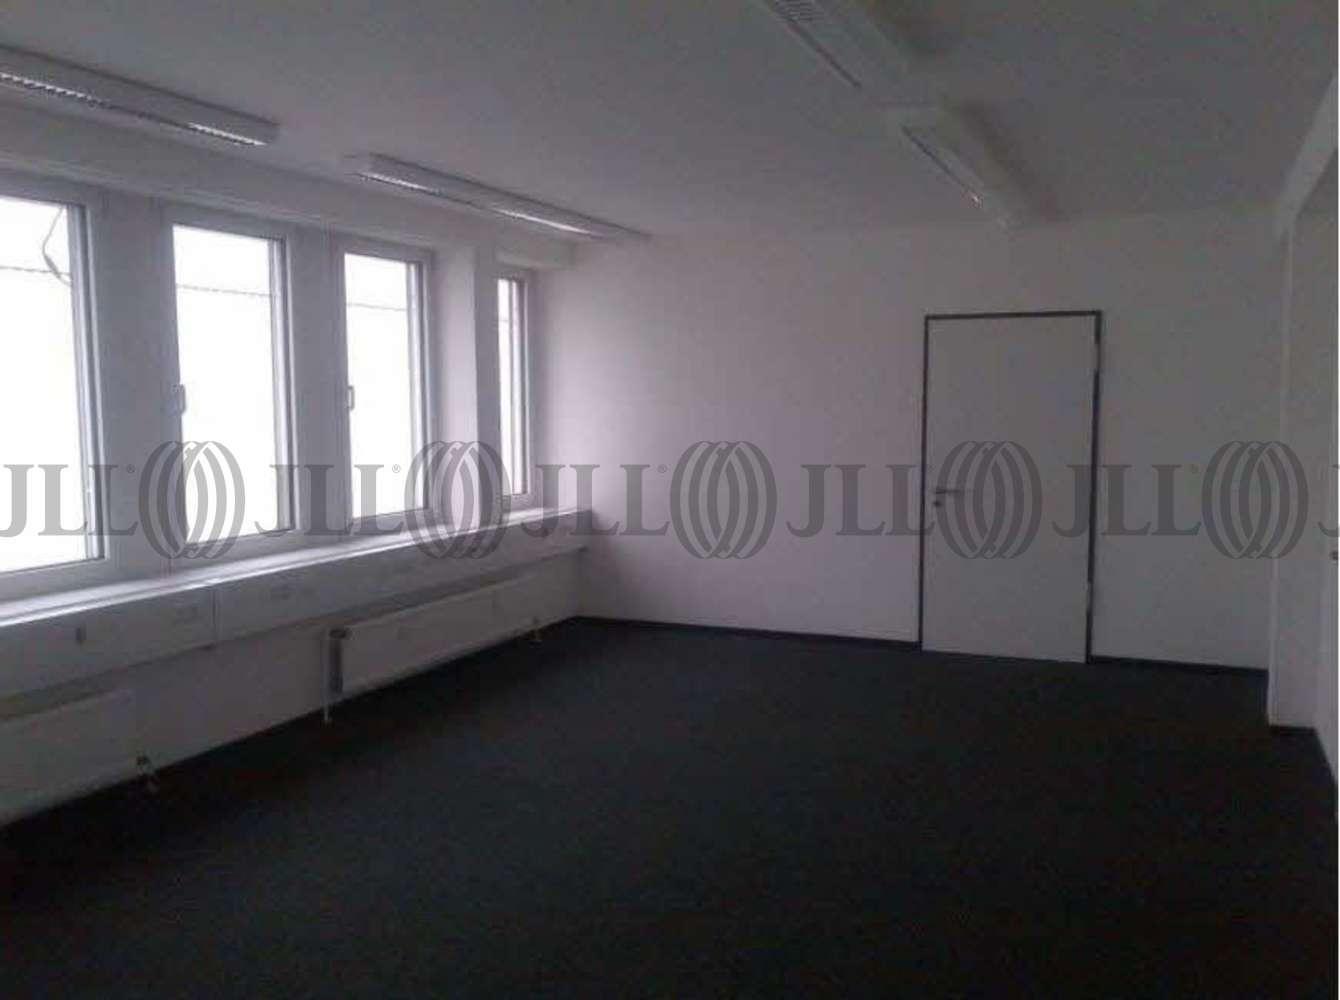 Büros Langenhagen, 30855 - Büro - Langenhagen, Alt-Langenhagen - H1405 - 9632692